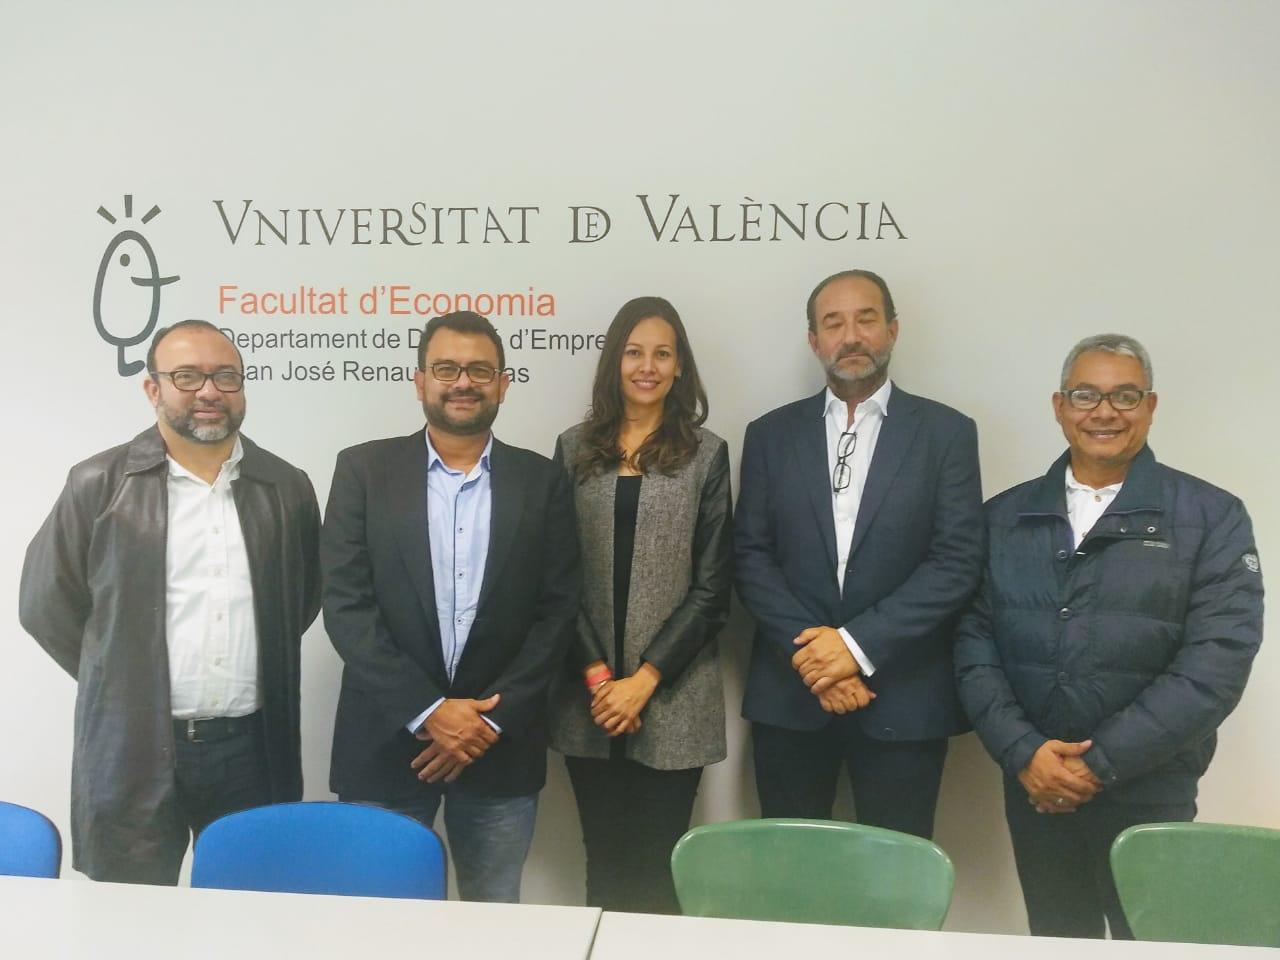 Reunión con docente de la Universidad de Valencia - España